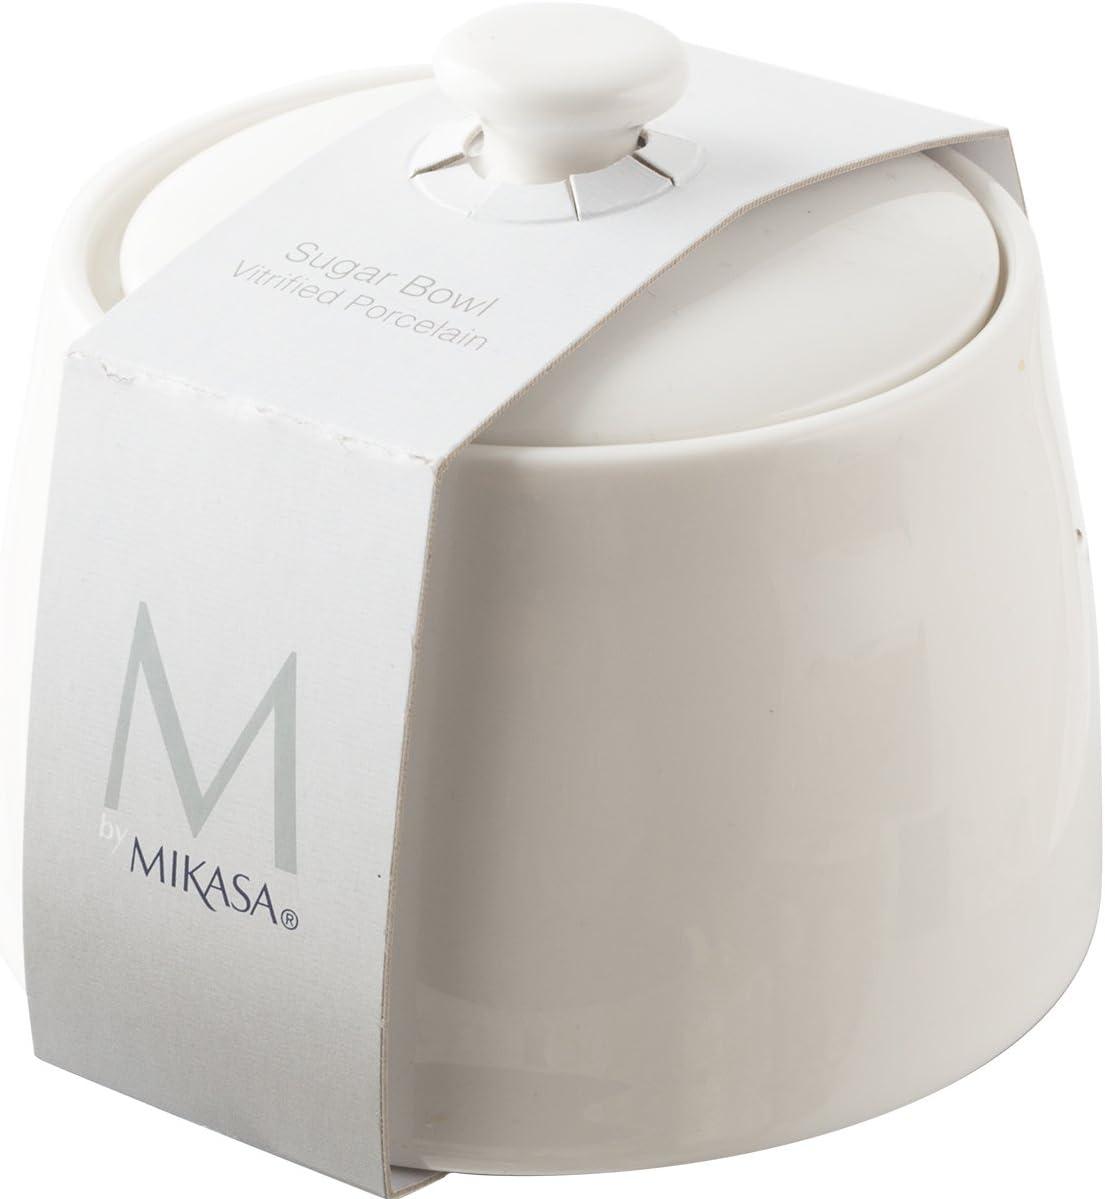 blanc 4 x 3.5 10 x 9 cm Mikasa Bol /à sucre en porcelaine